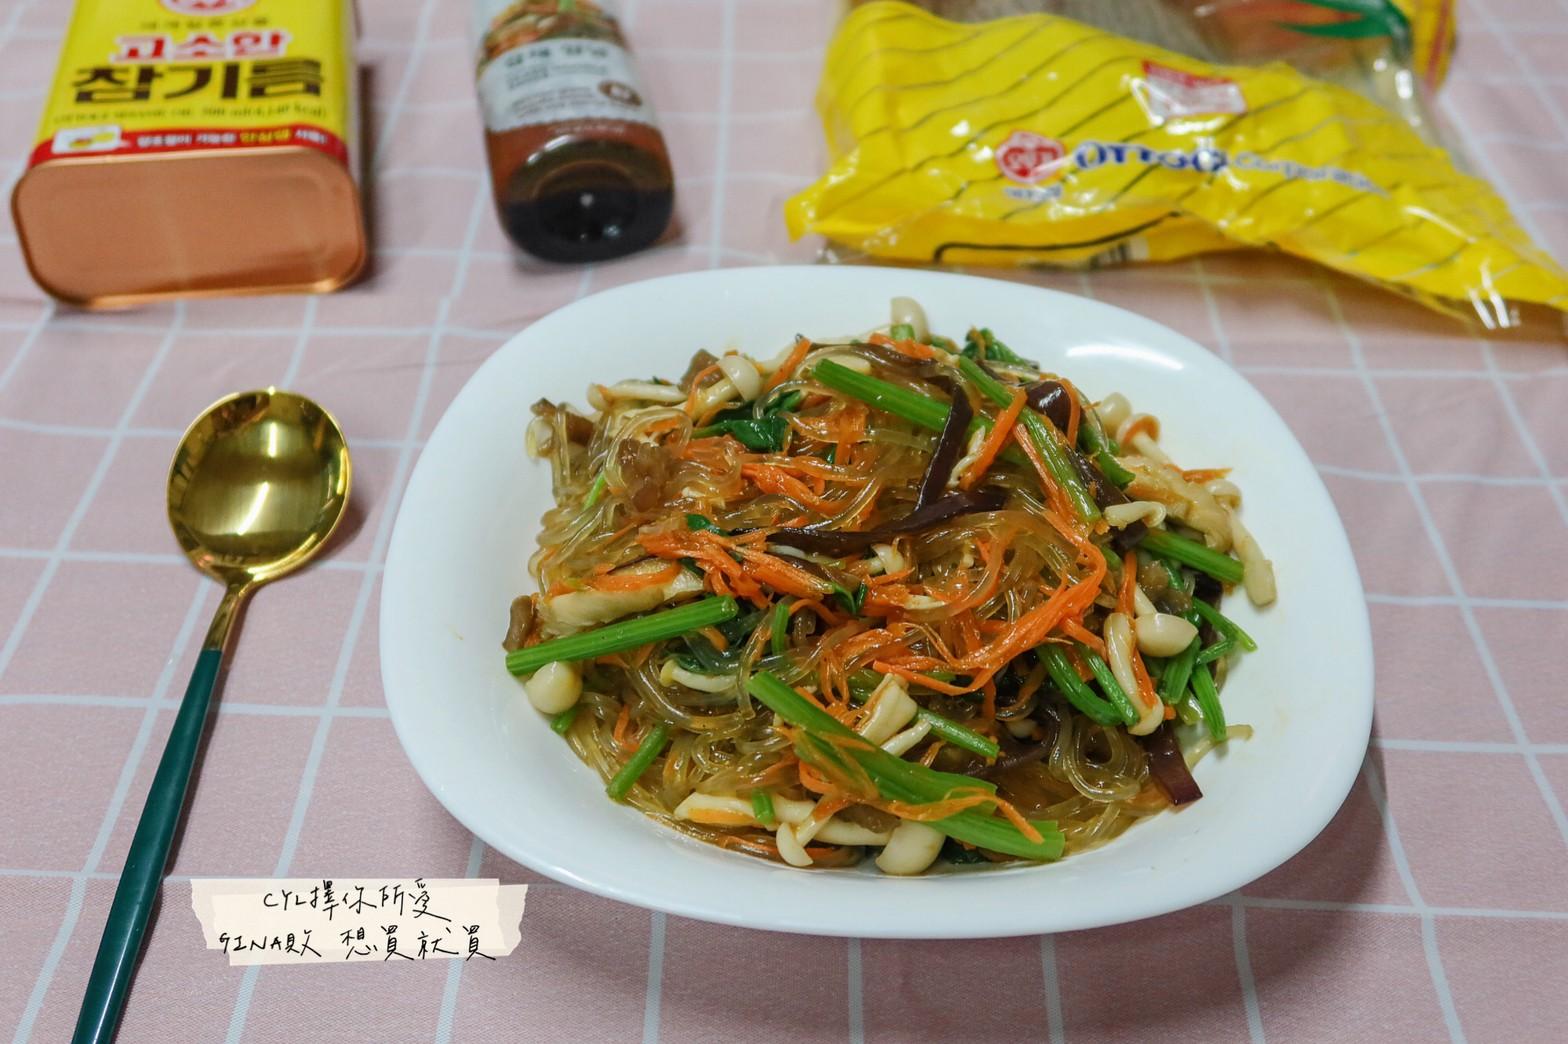 【韓國雜菜】2021韓式冬粉作法|冬粉醬汁組合|輕鬆上手在家自己做 @GINA環球旅行生活